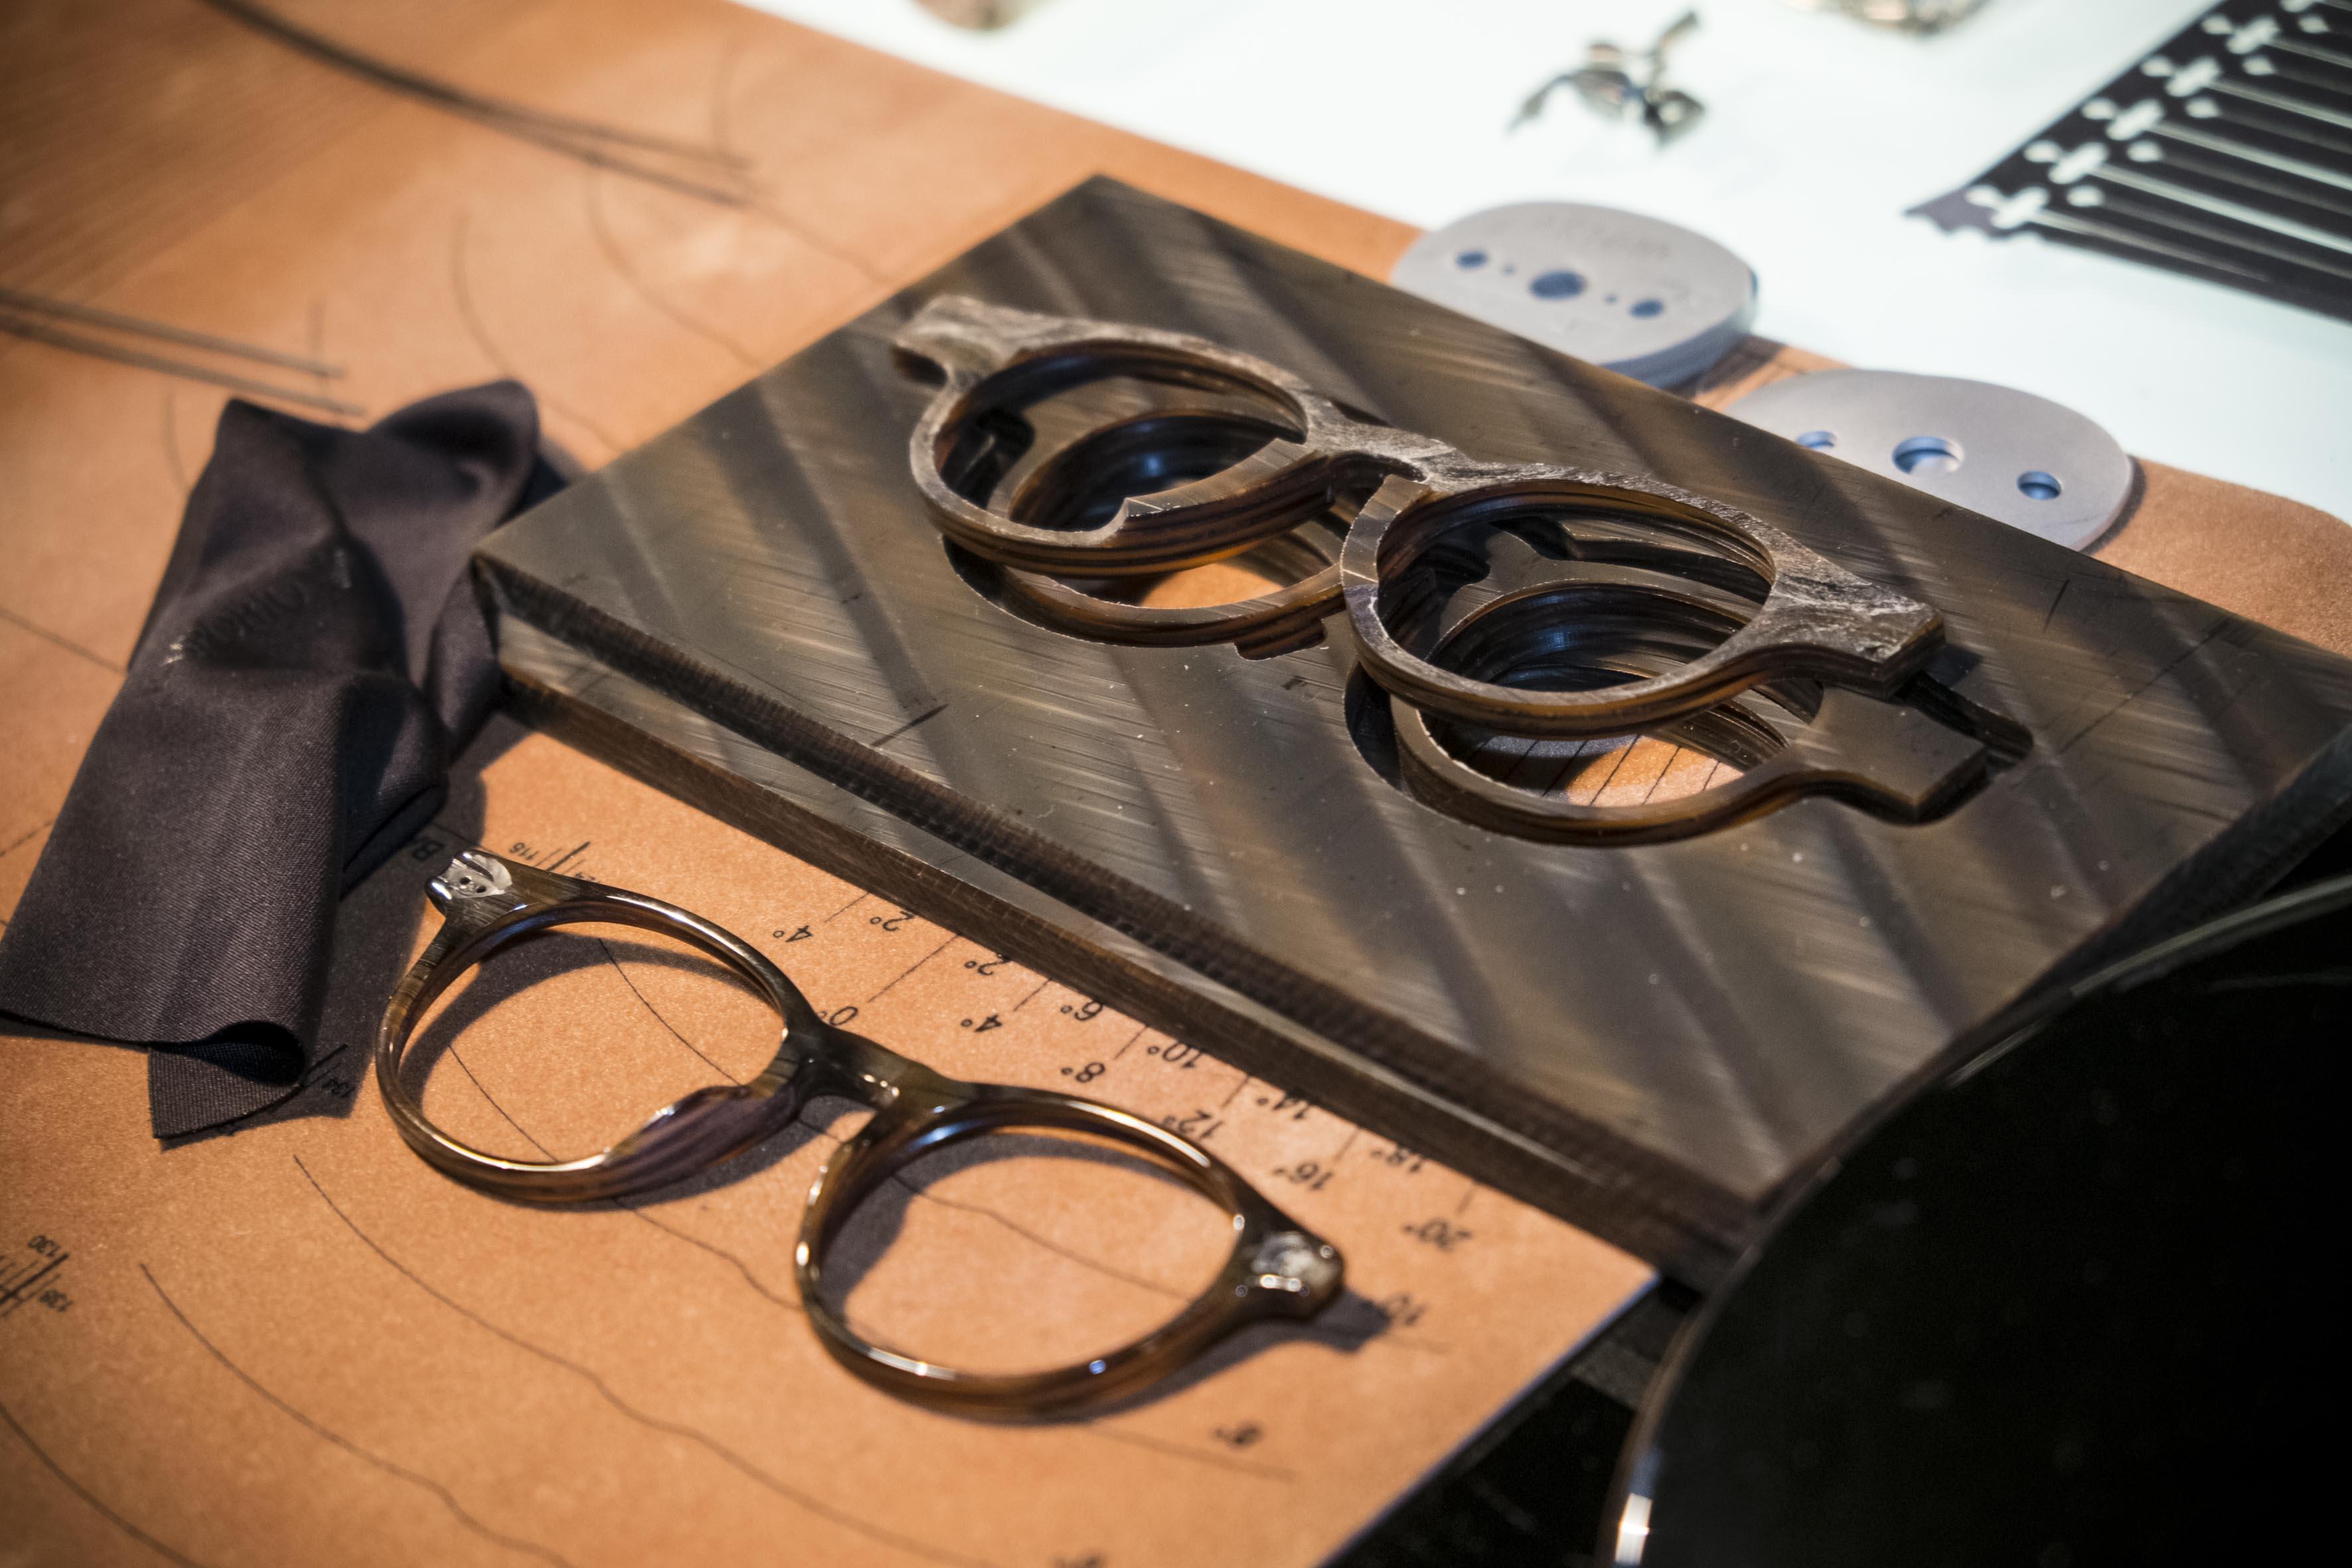 Luxottica e Intel unem forças para criar o Smart Eyewear-1